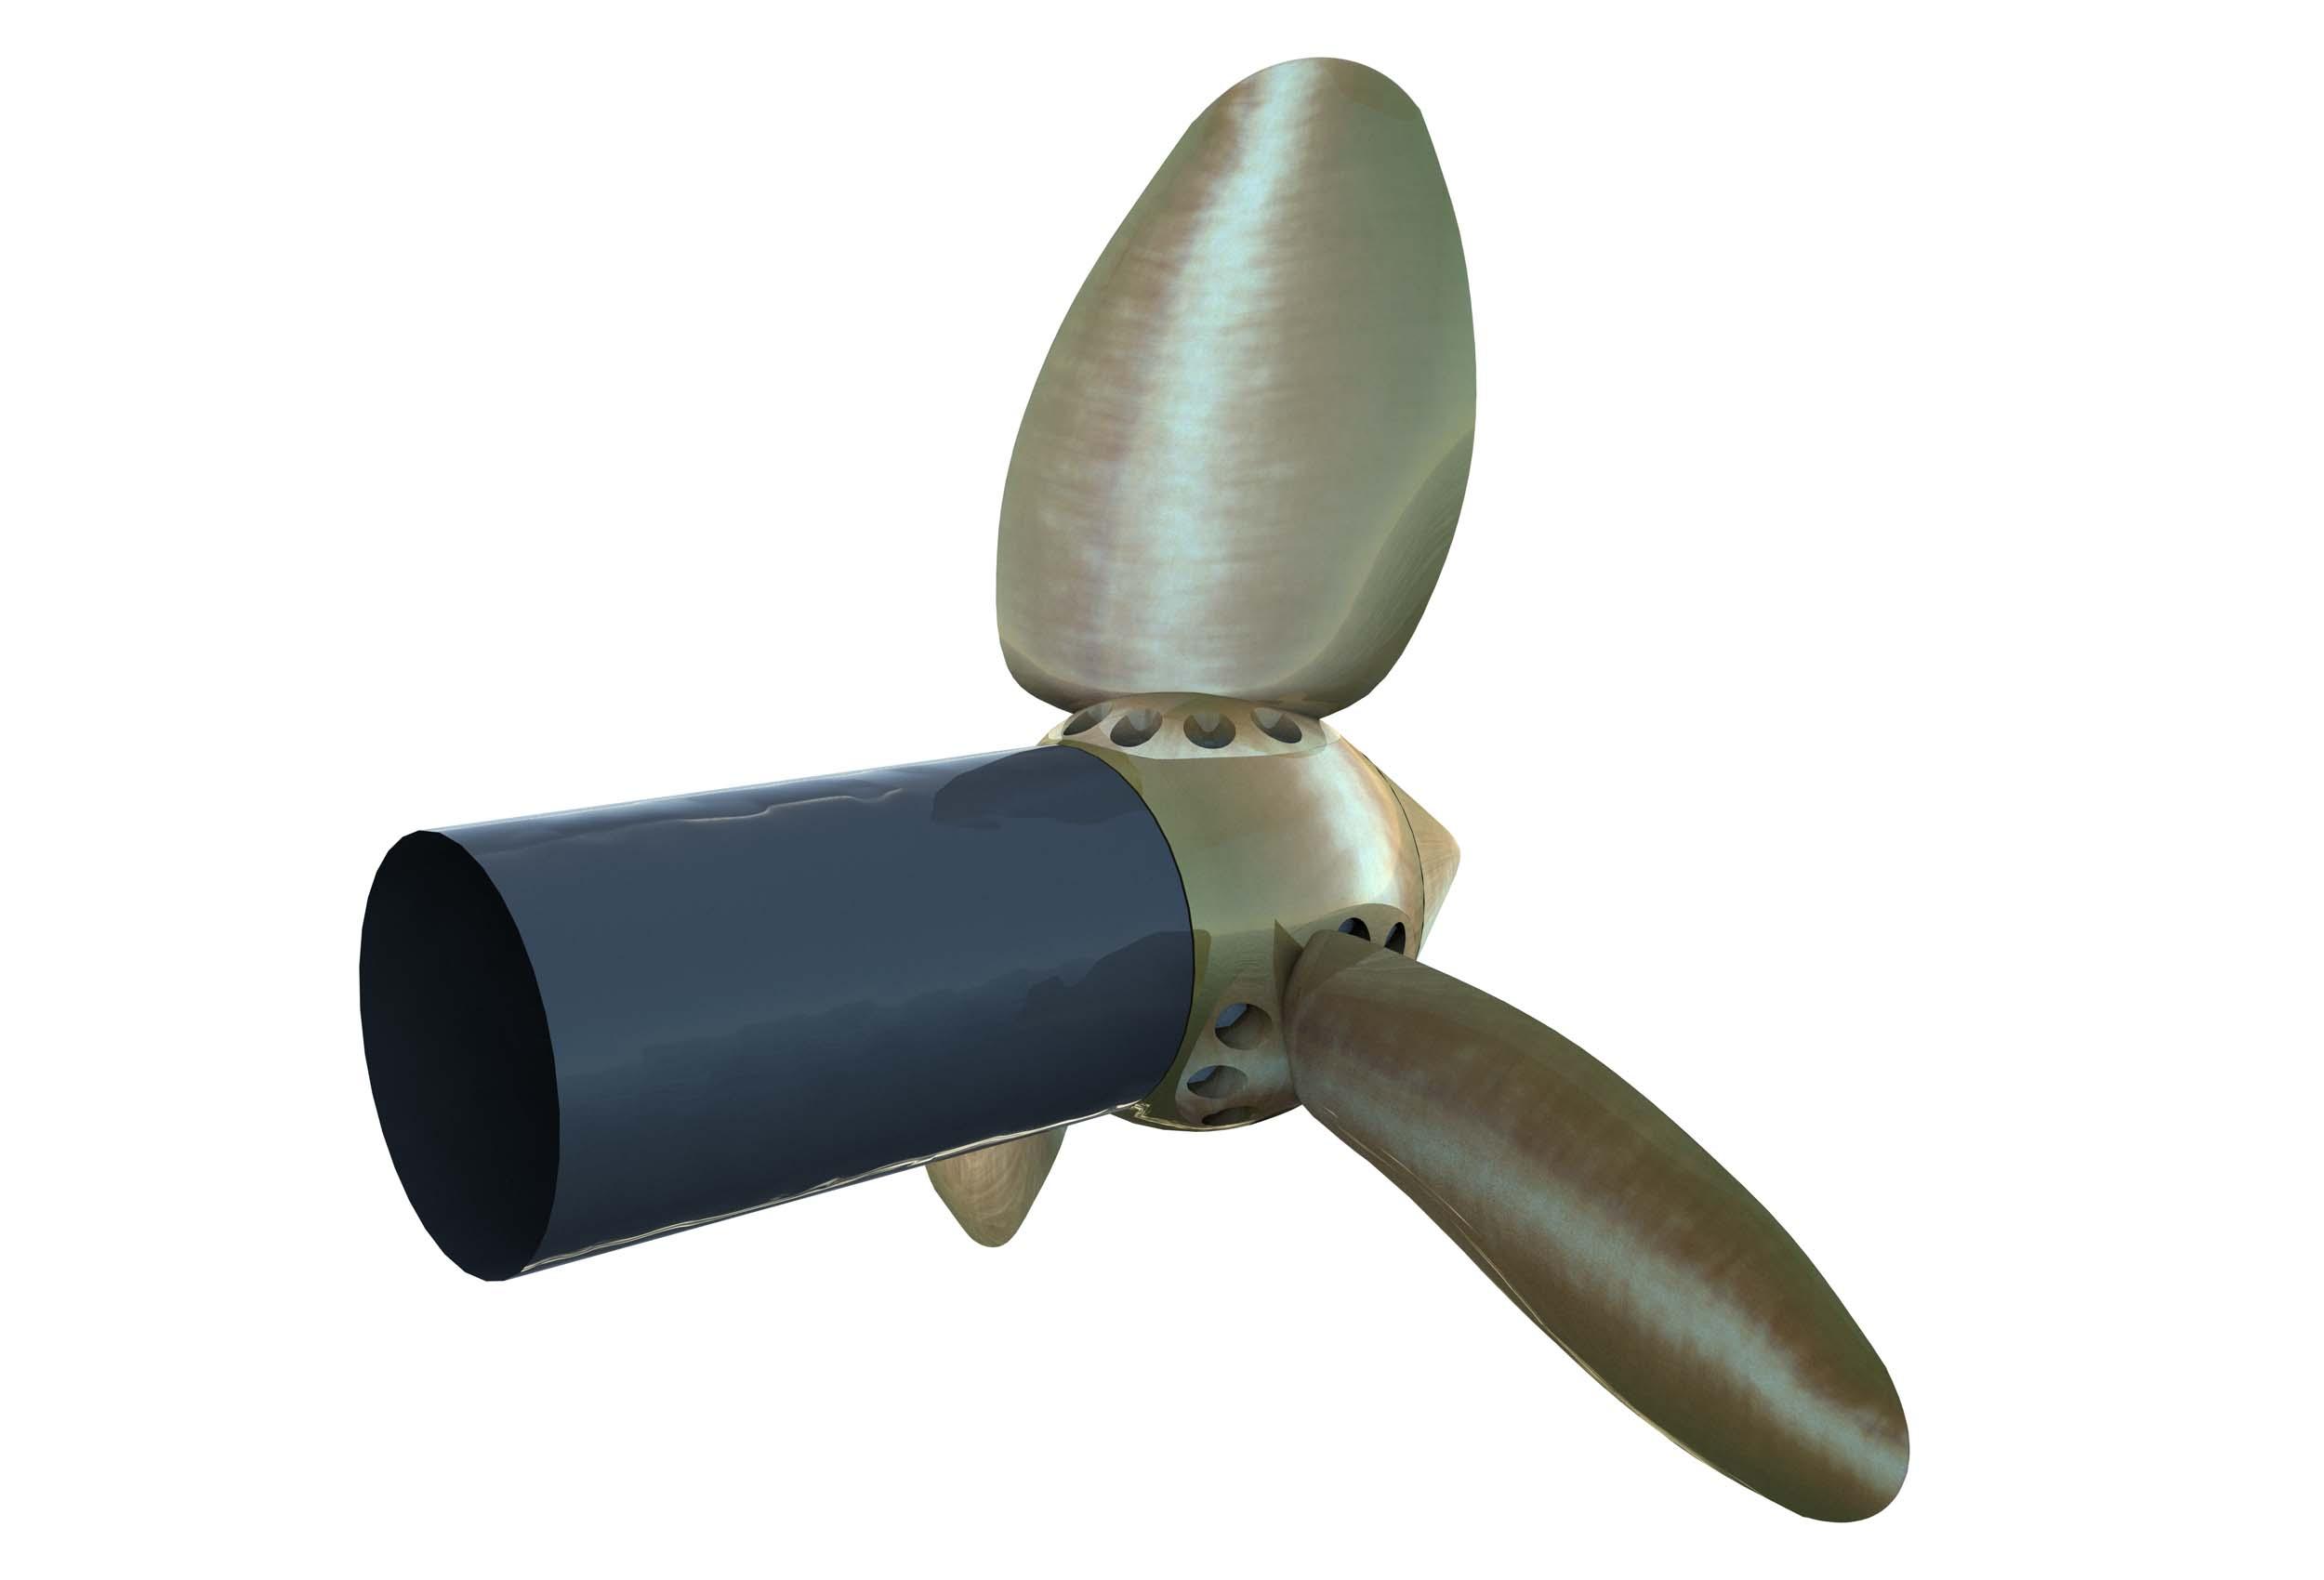 https://0901.nccdn.net/4_2/000/000/038/2d3/CK90-Individual-Propeller.jpg